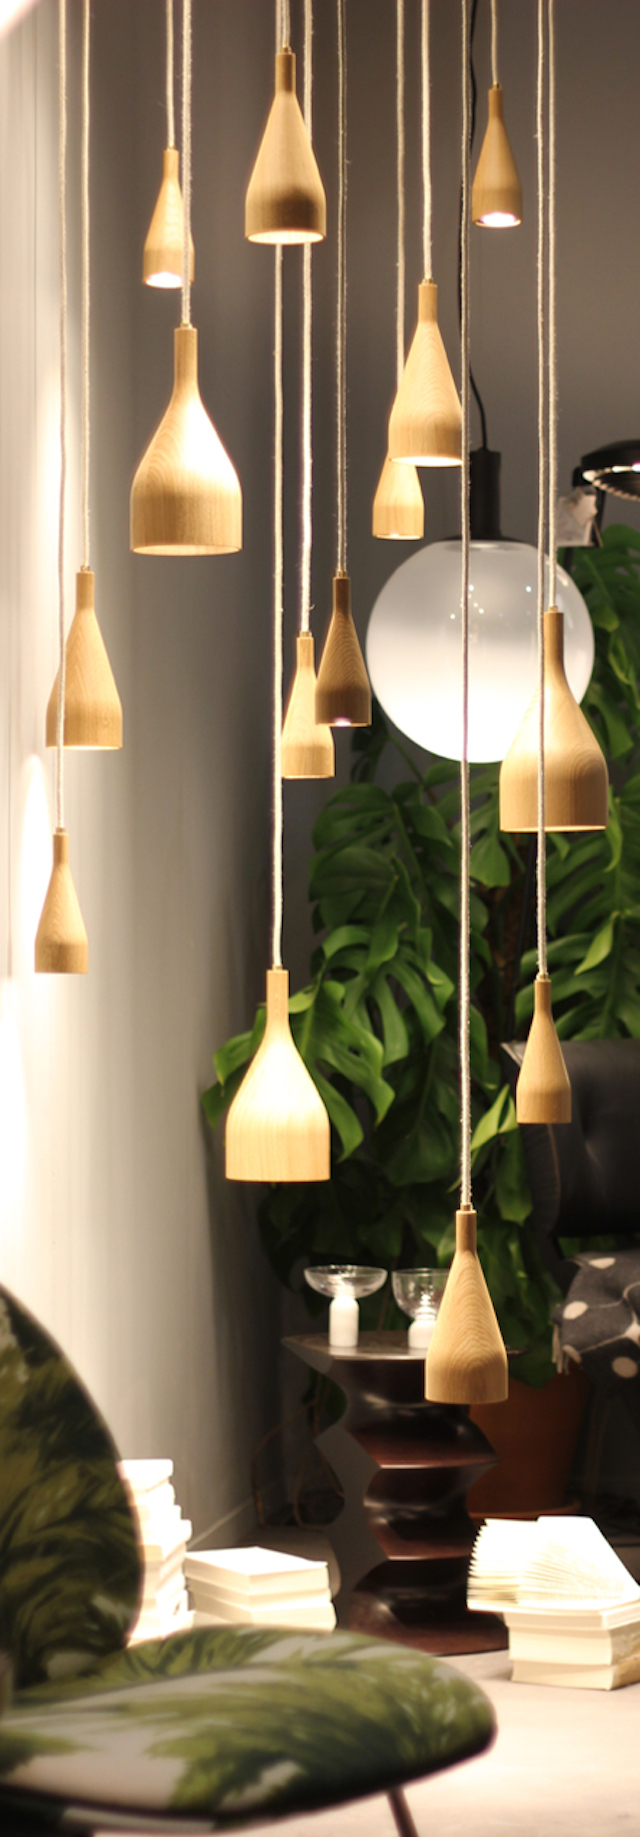 Lighting love   Eikelenboom   Timber by Hollands Licht